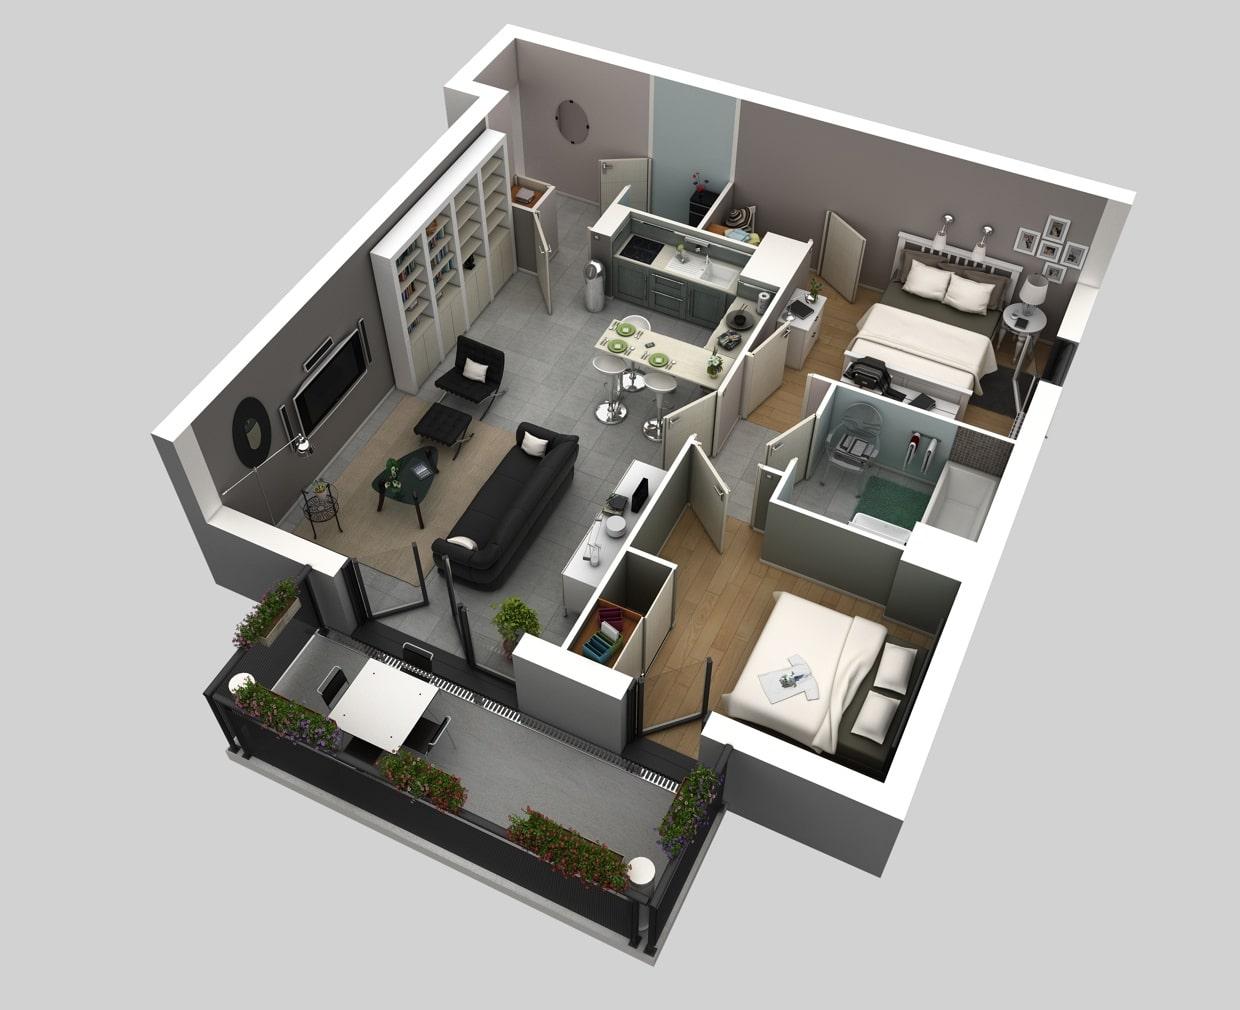 Planos de apartamentos en 3d dise os modernos construye for Plano departamento 2 dormitorios